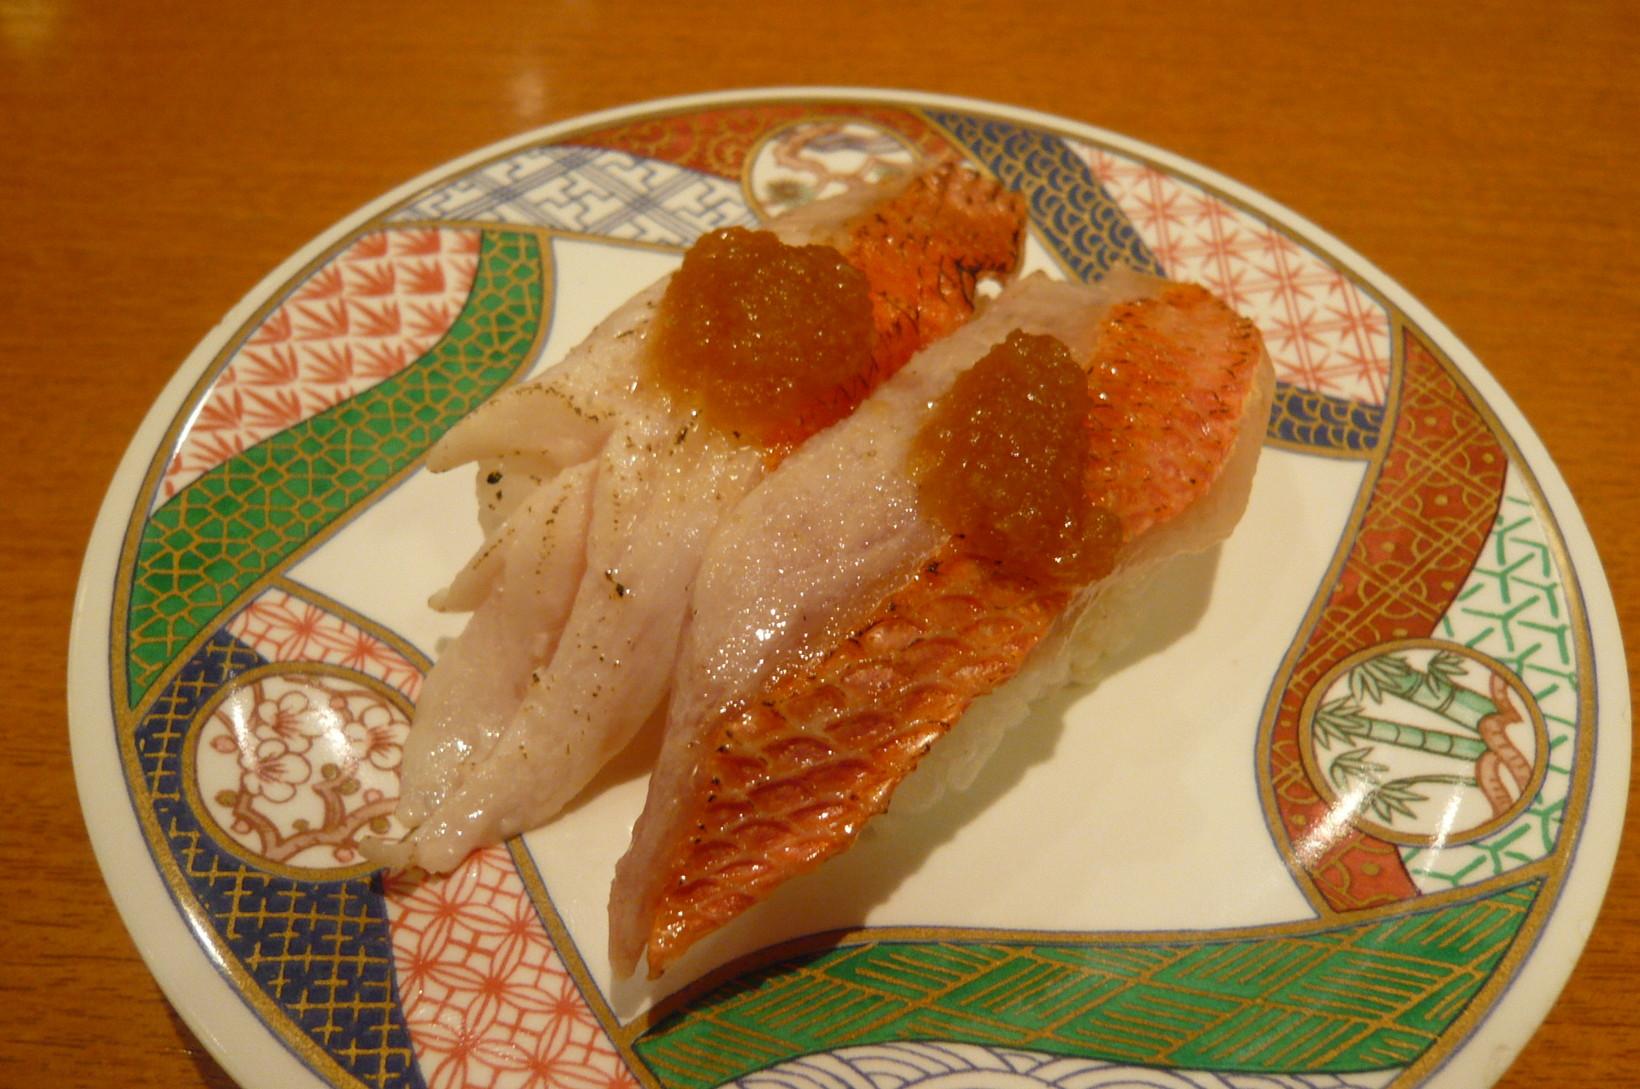 回転寿司うみっ子 朝倉店